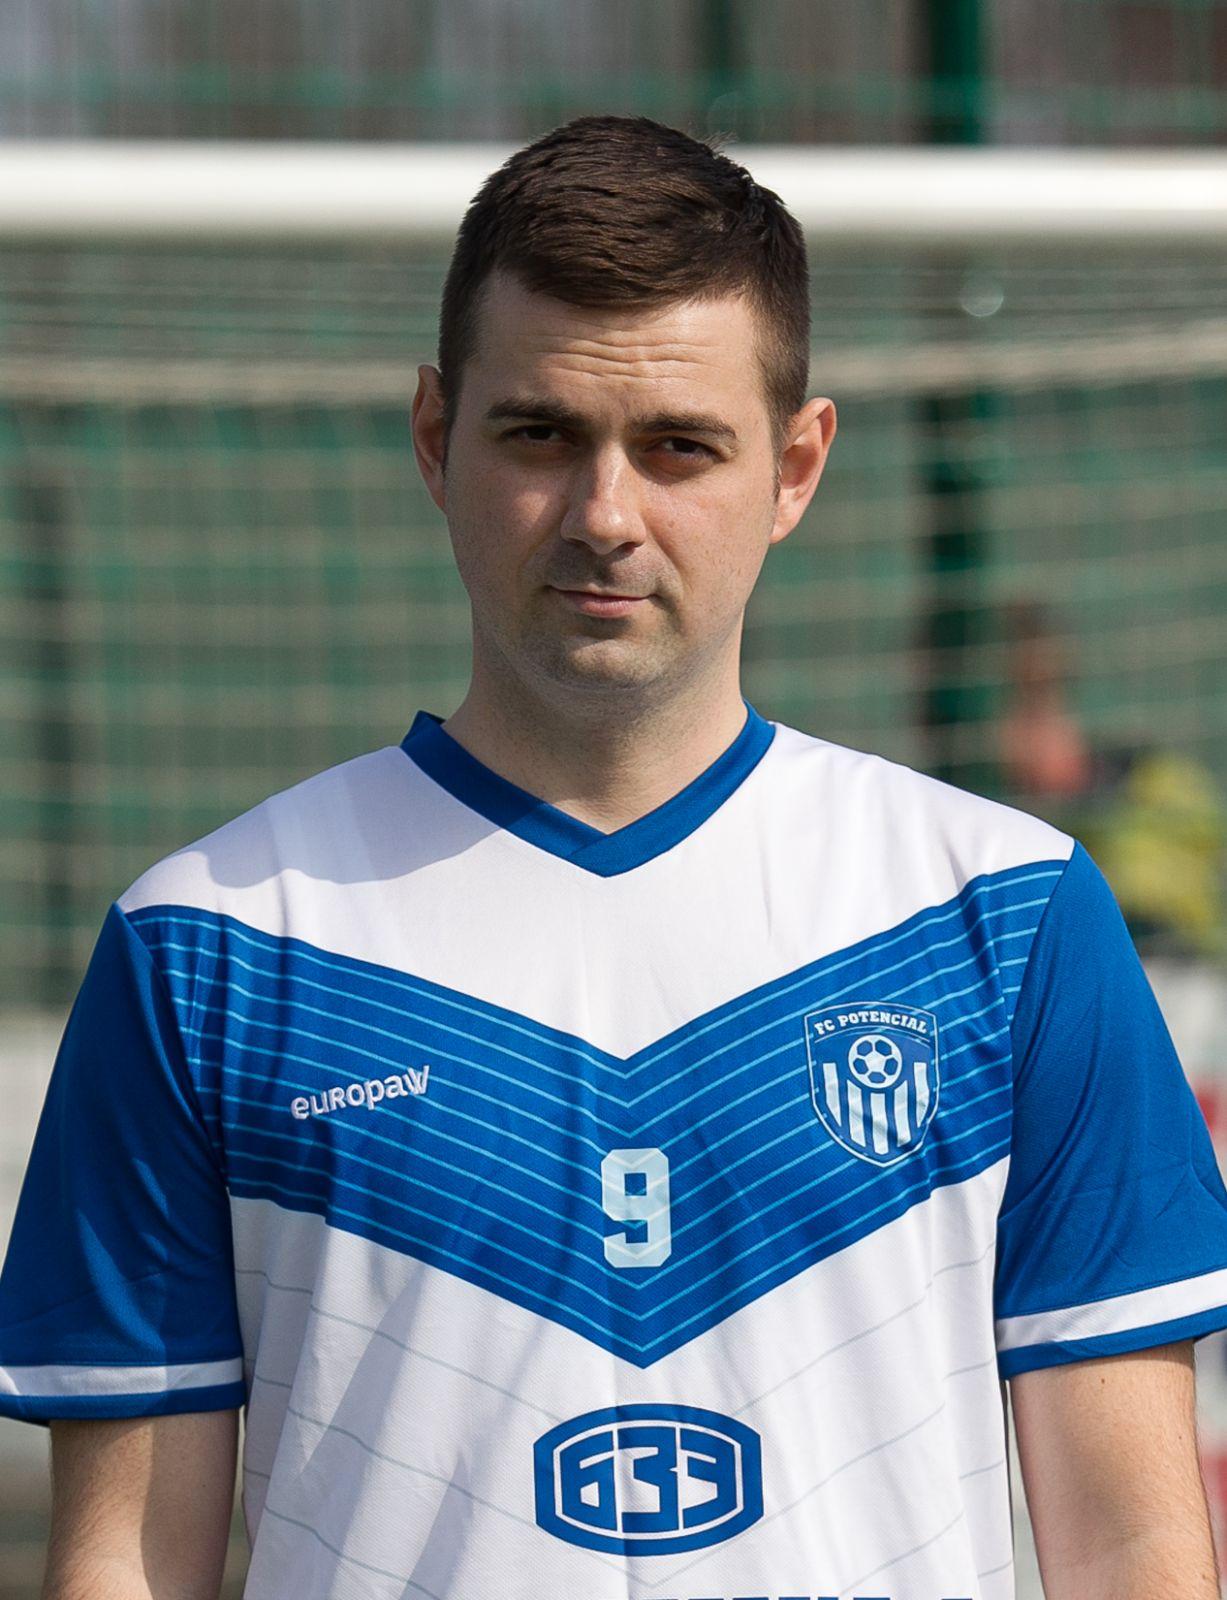 Паламарчук Дмитрий